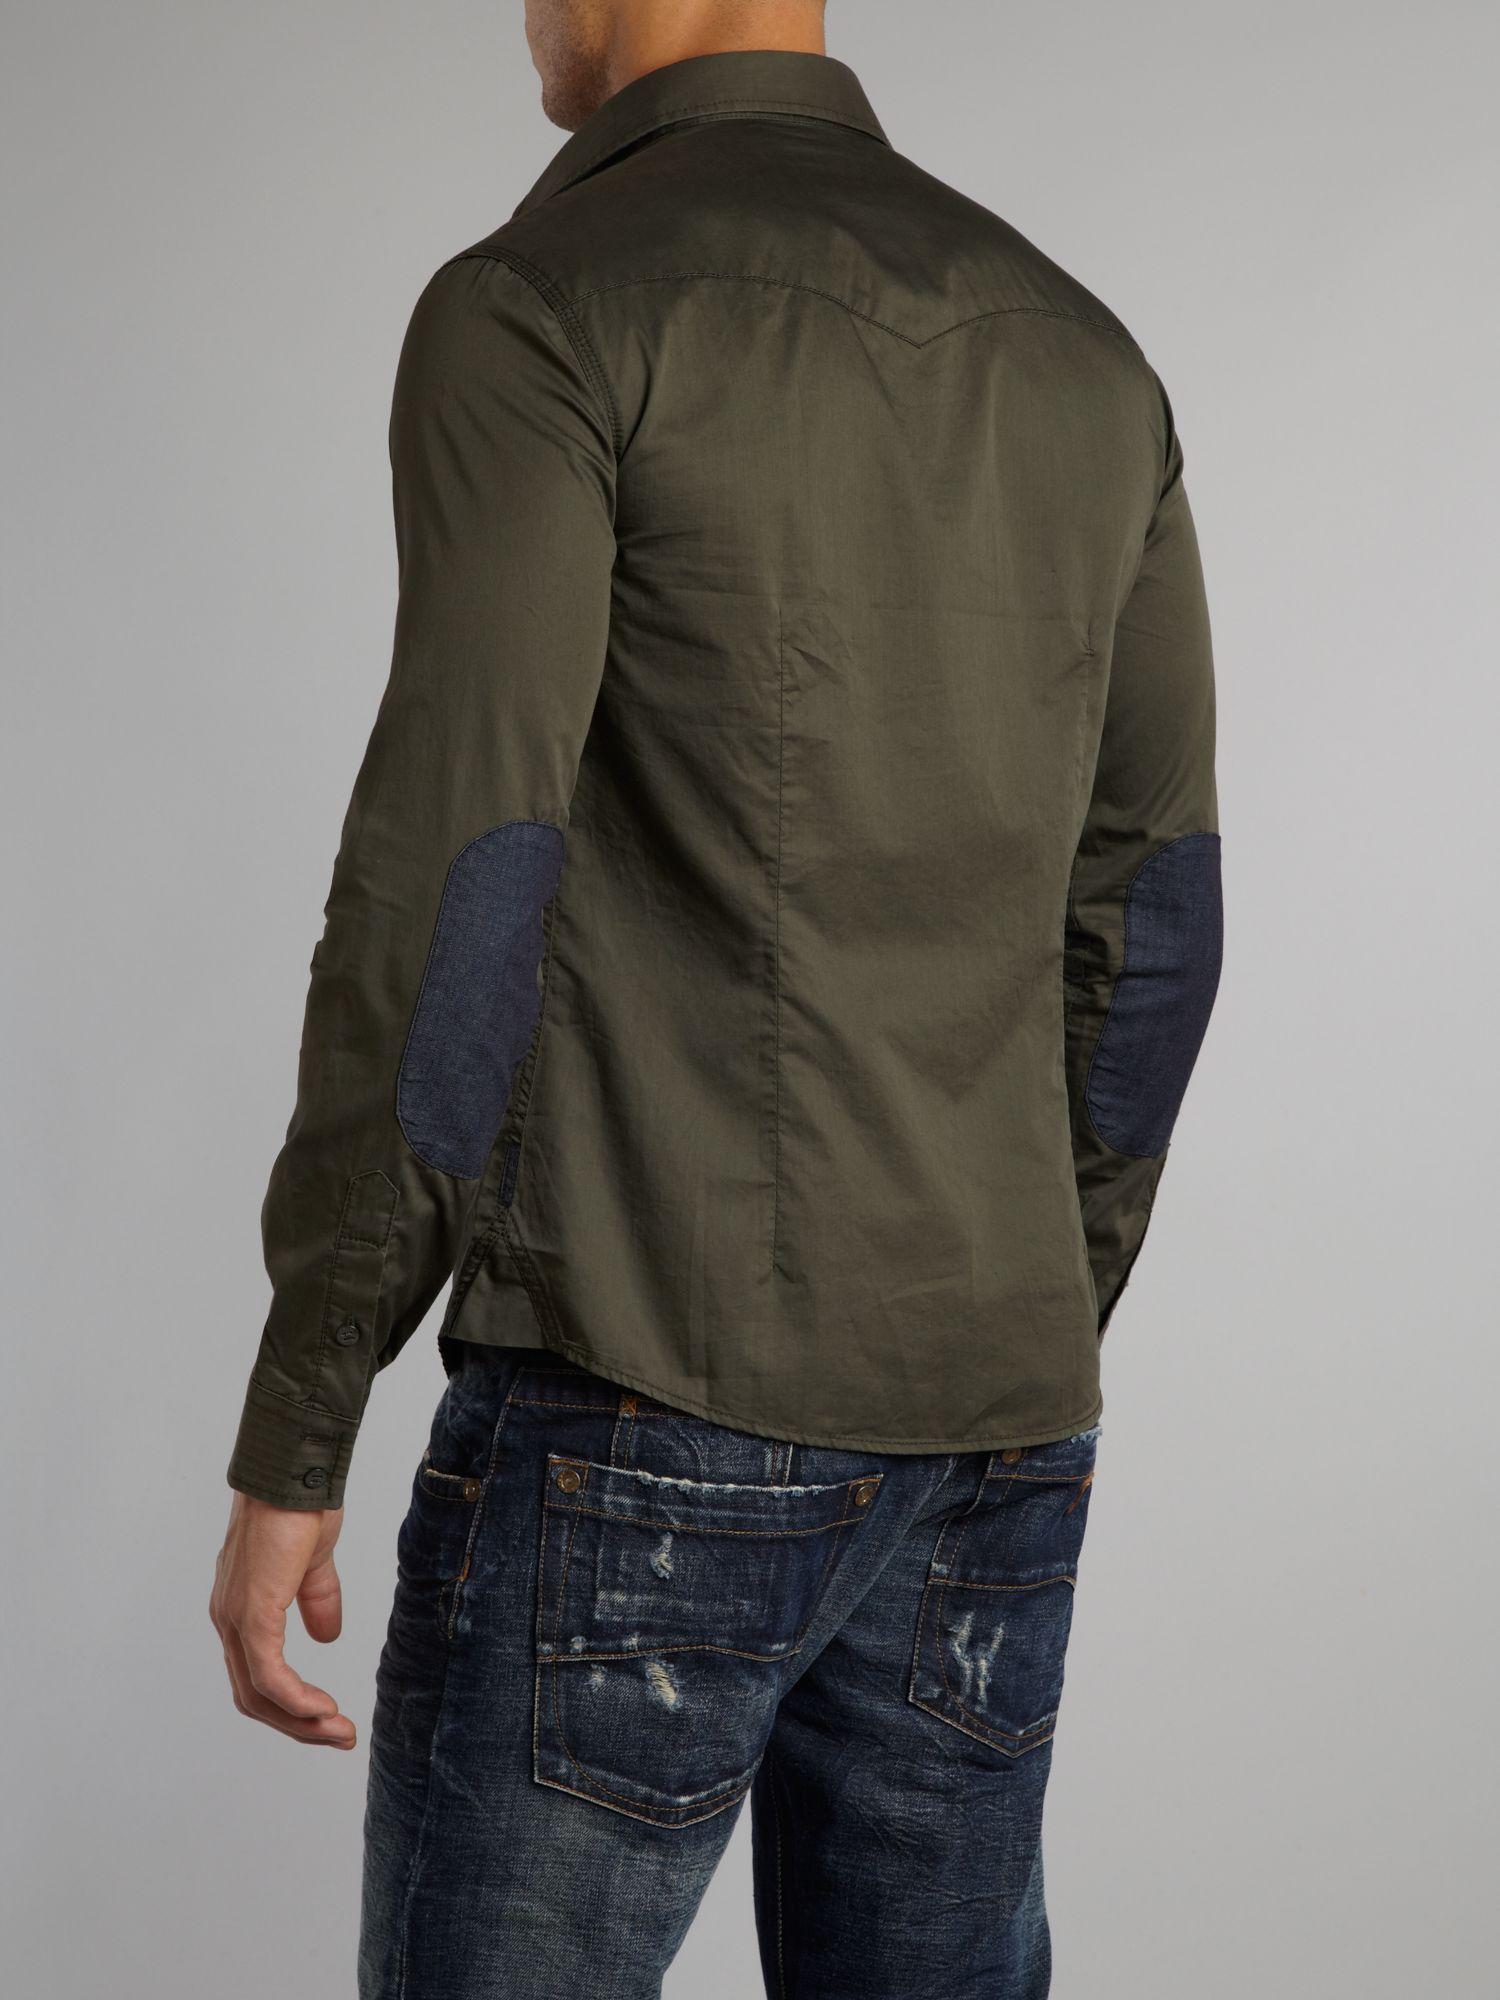 Designer Dress Shirts For Men